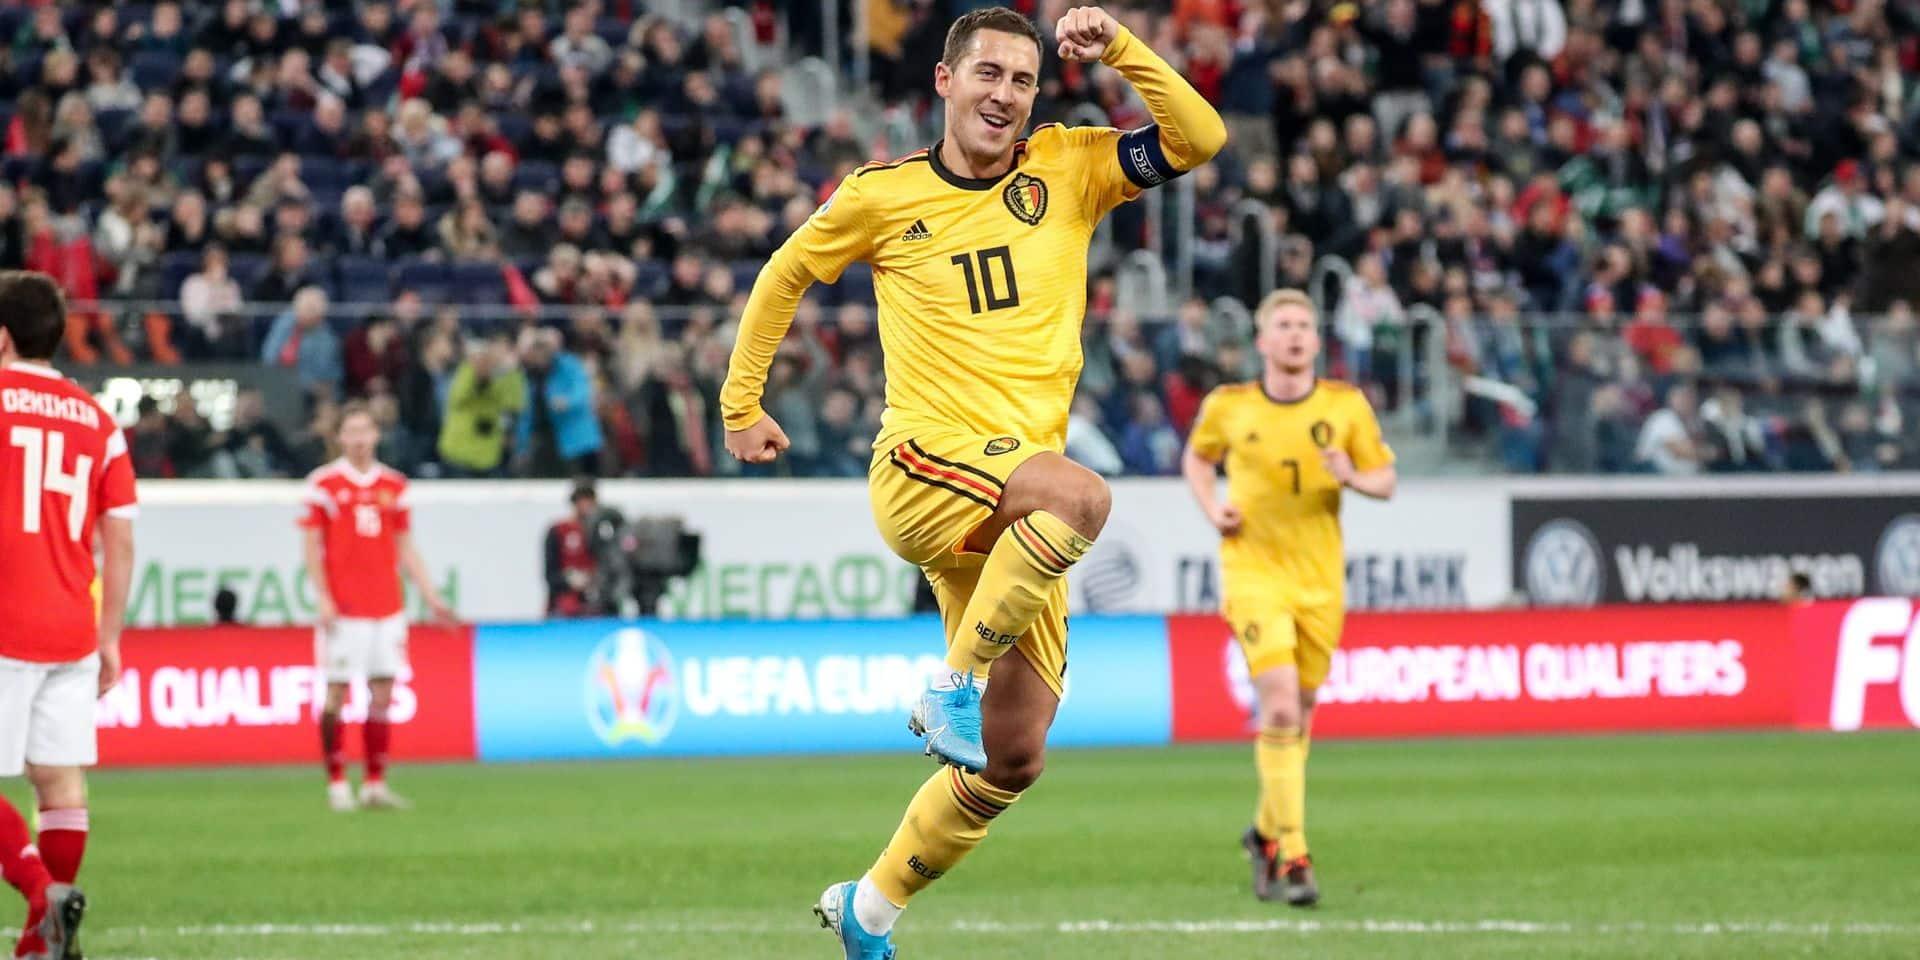 Krëfel remet ça pour l'Euro 2020: 17 buts de nos Diables Rouges et votre télévision est remboursée !